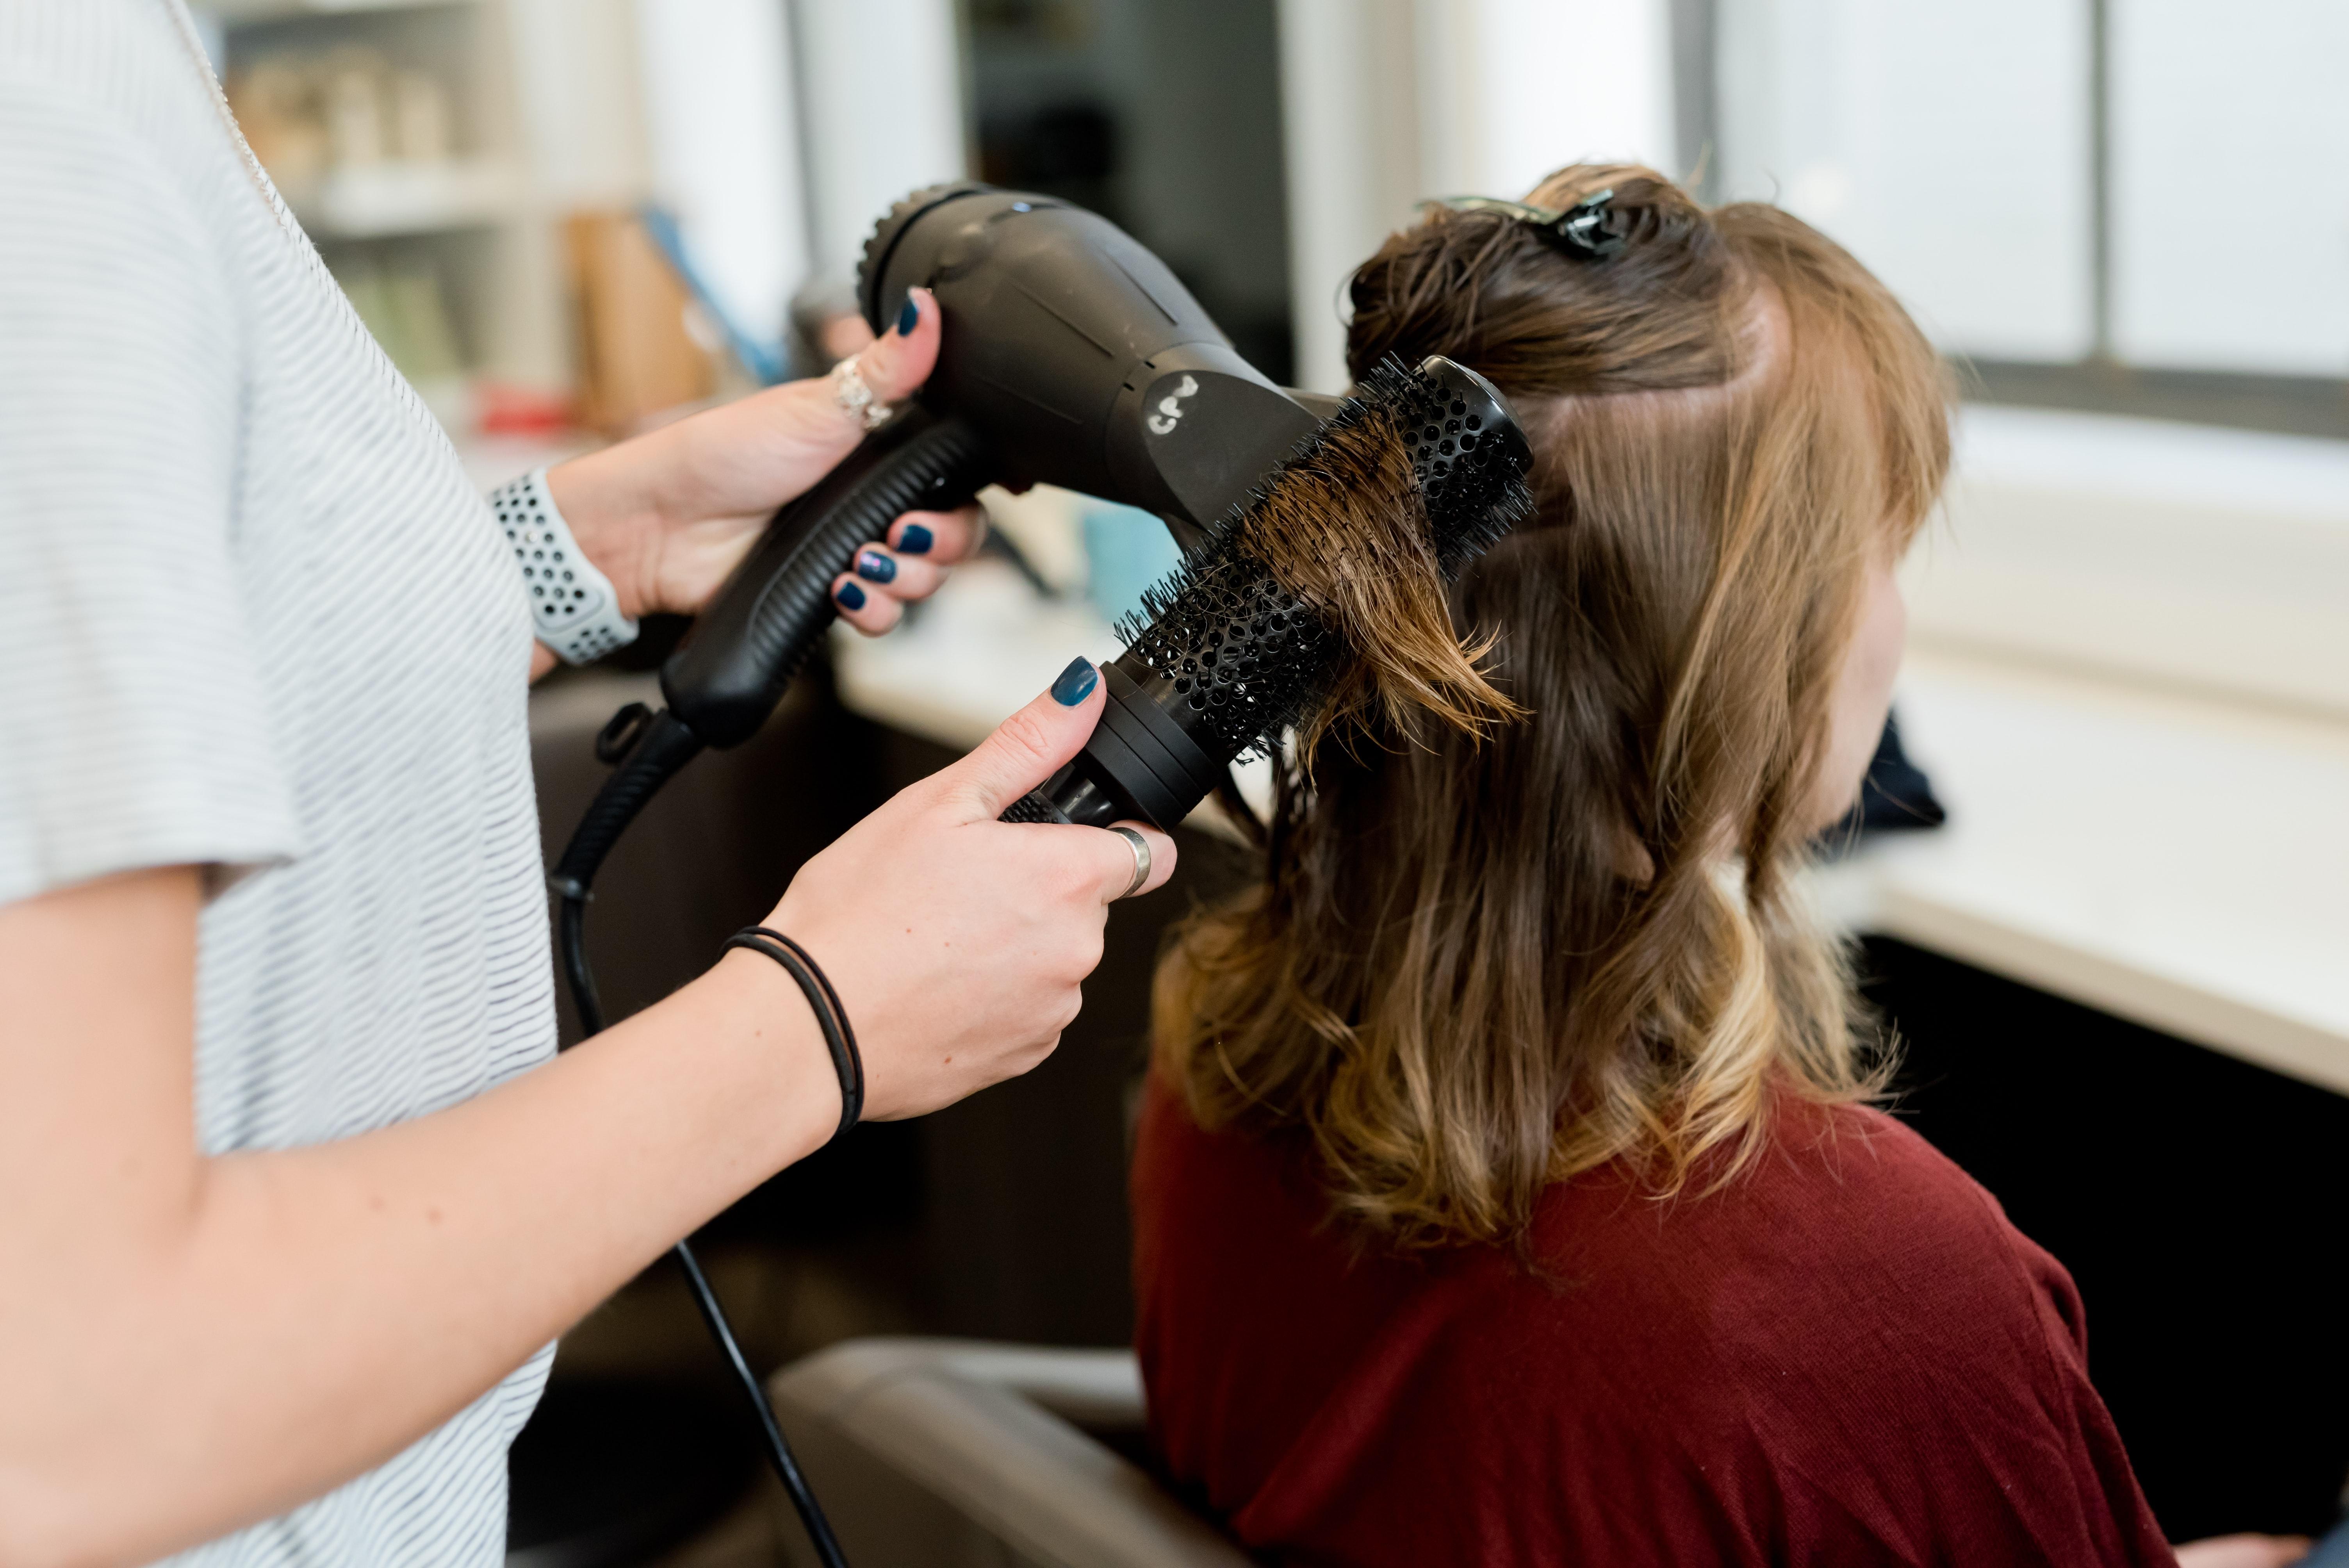 バリカン で 髪 を 切る